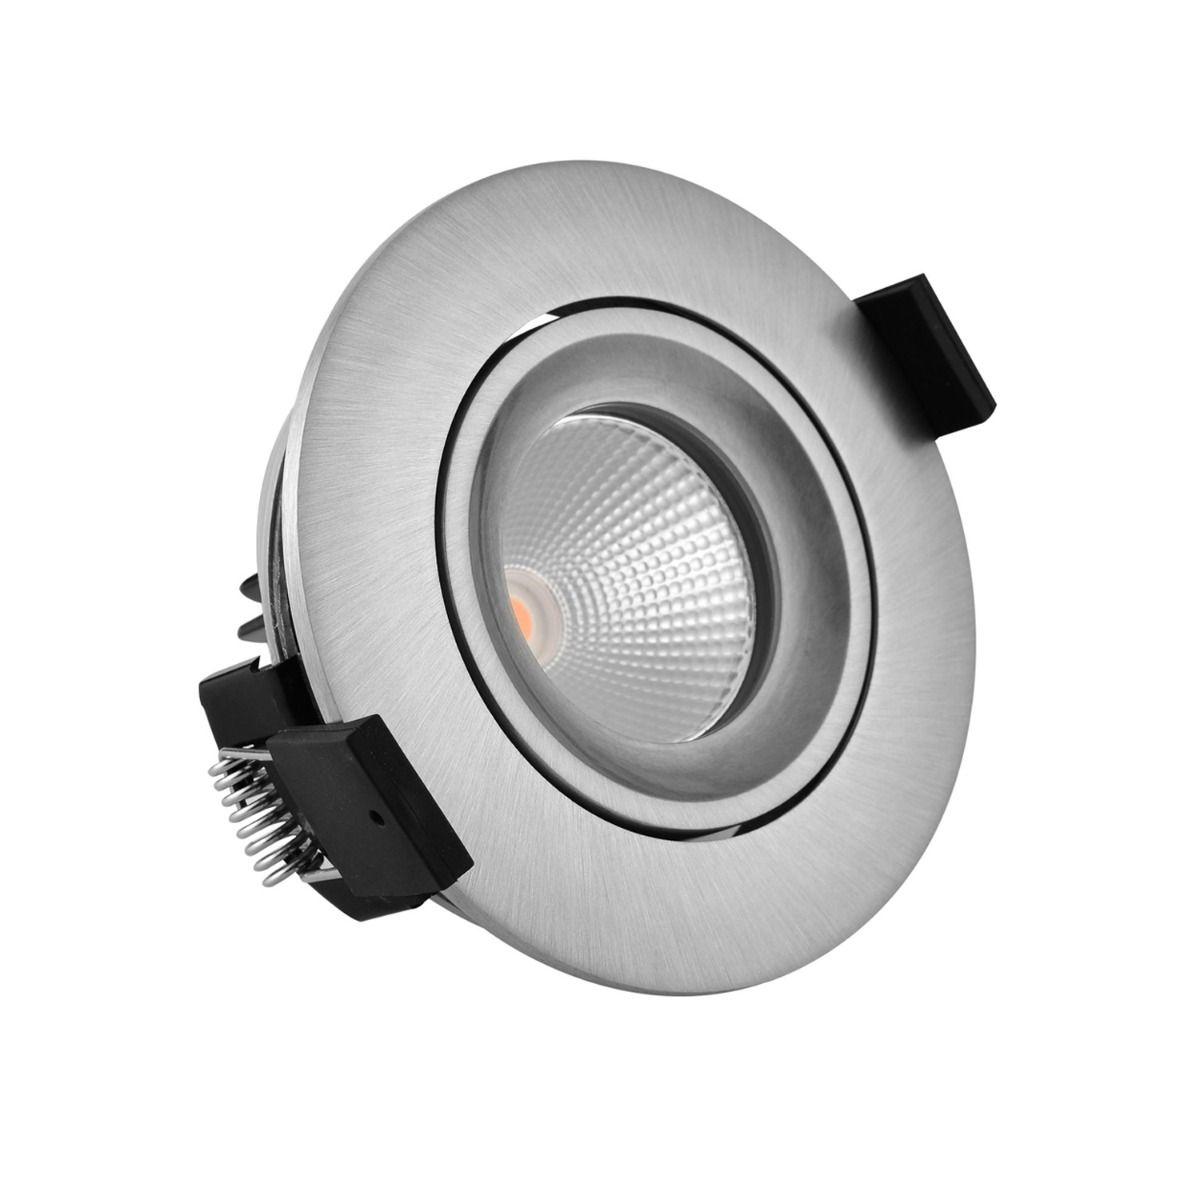 Noxion LED Strahler Aqua IP65 2700K Aluminium 6W | Beste Farbwiedergabe - Dimmbar